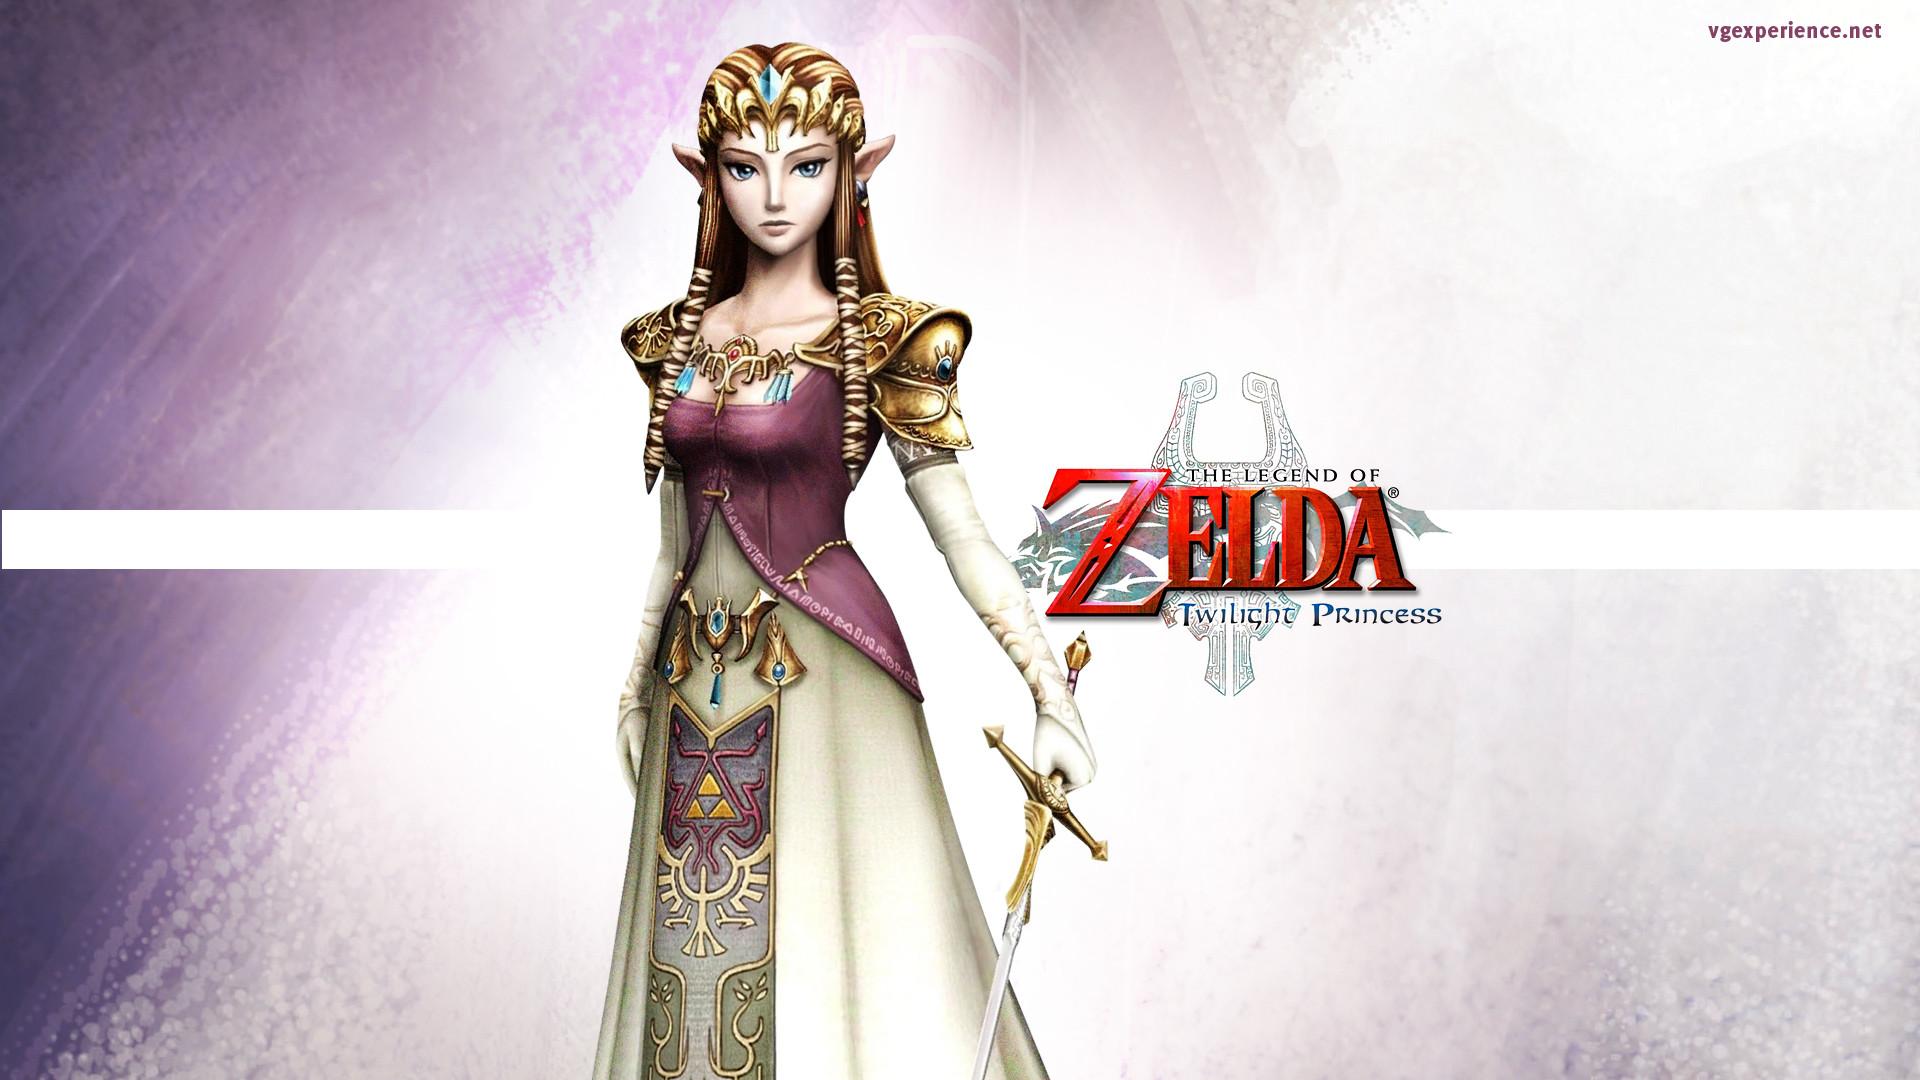 Legend Of Zelda Twilight Princess HD wallpapers